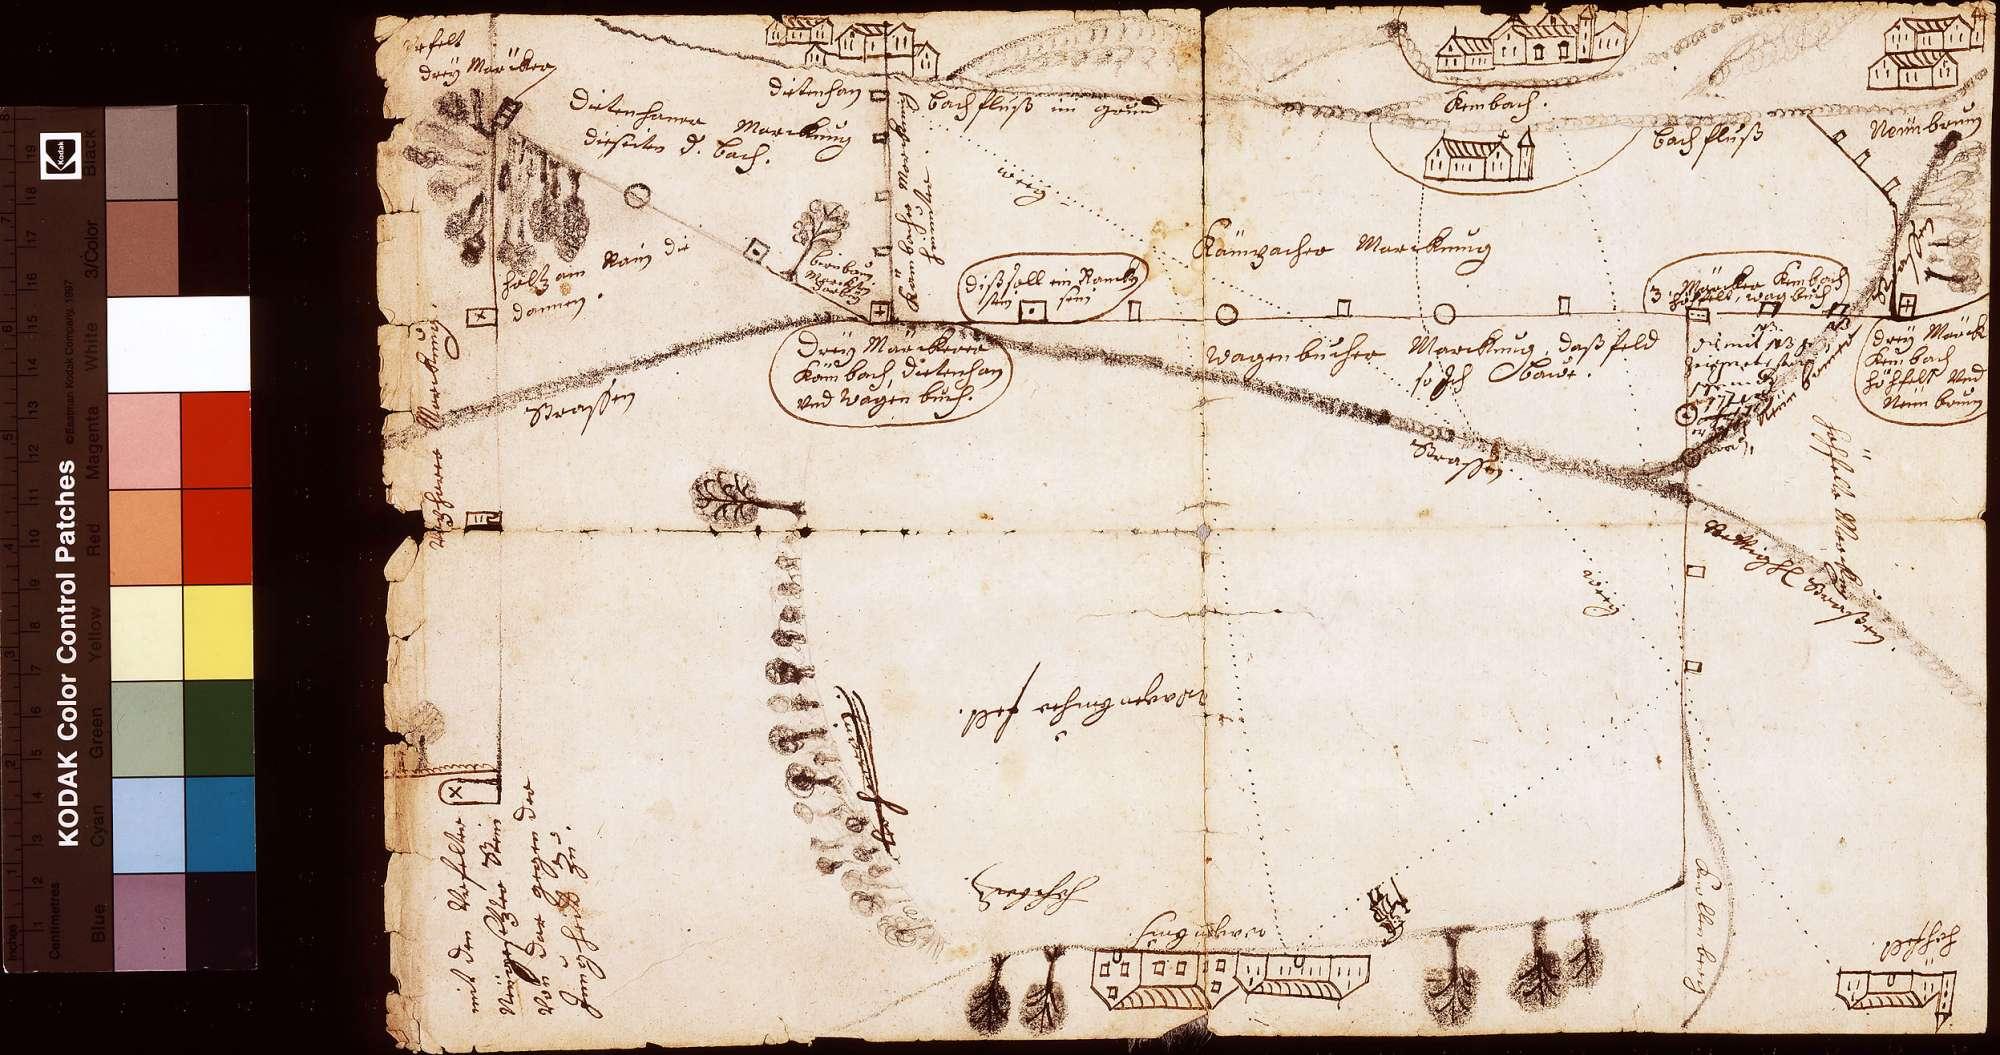 [Markungsscheidung zwischen Kloster Bronnbach und den benachbarten Orten], Bild 1